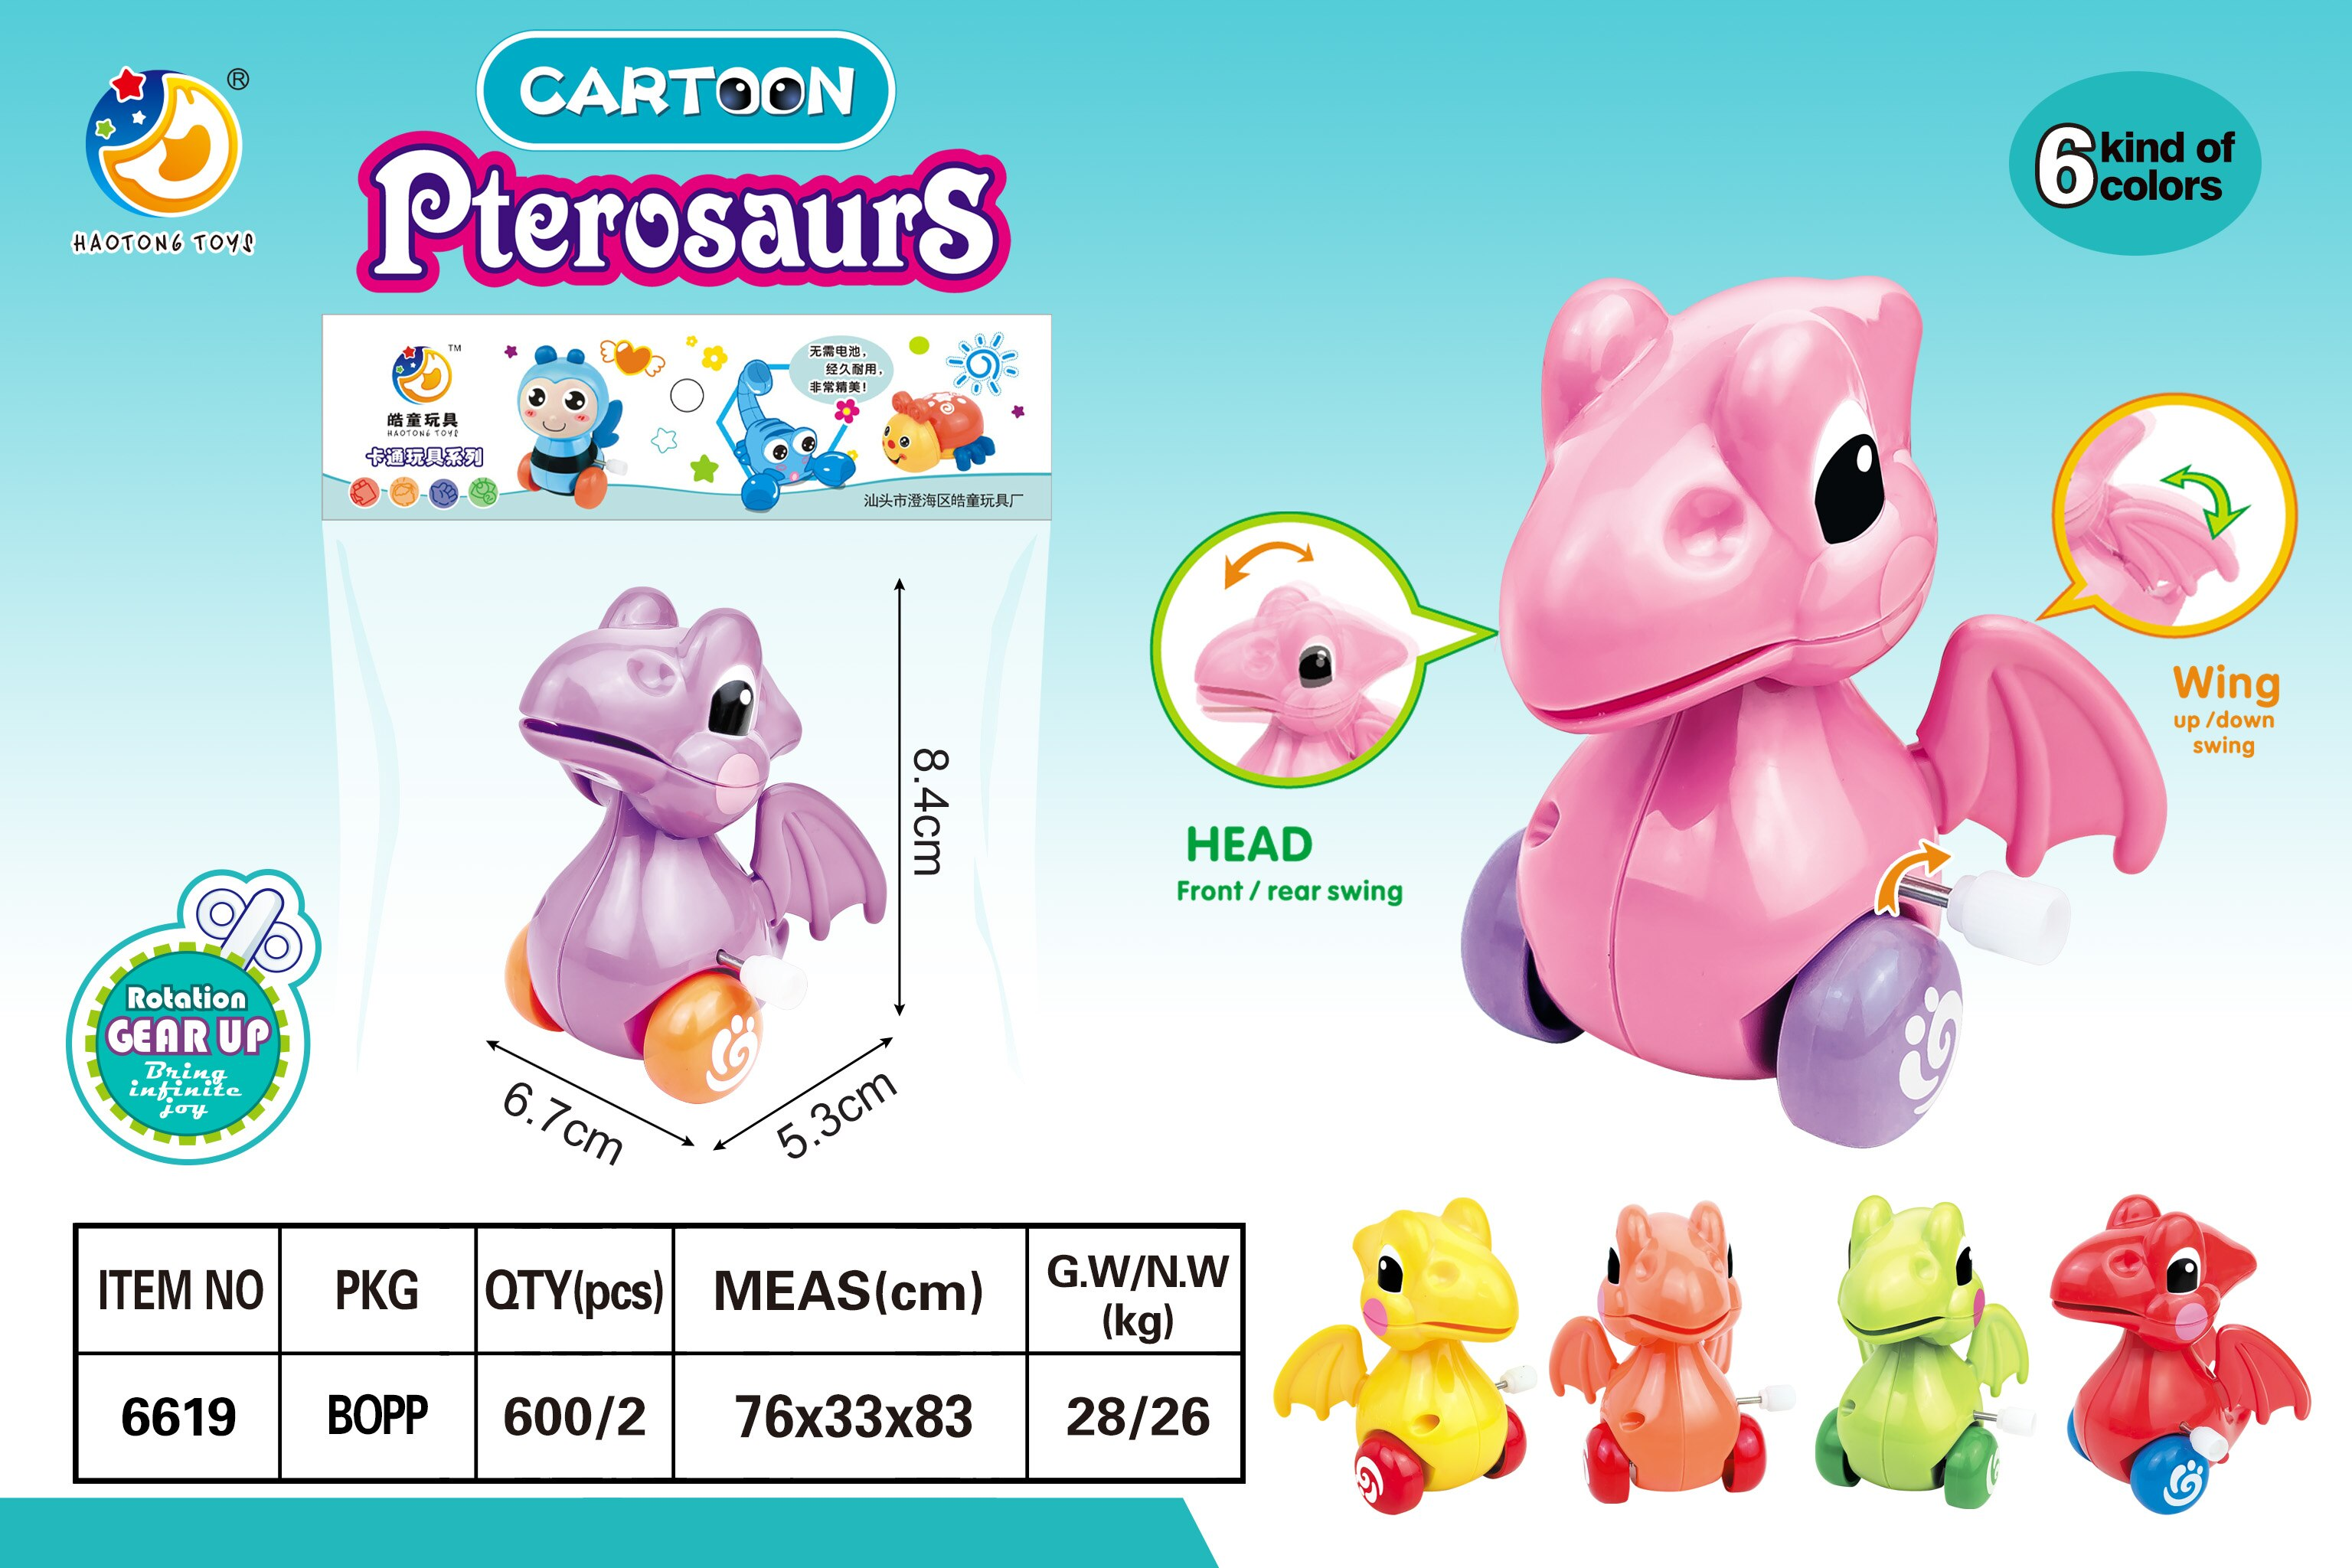 BLL بالجملة 600 قطعة سلسلة على المحتقر أصغر pterhexurs سيارة 6 لون يختتم اللعب والهدايا للأطفال الأولاد